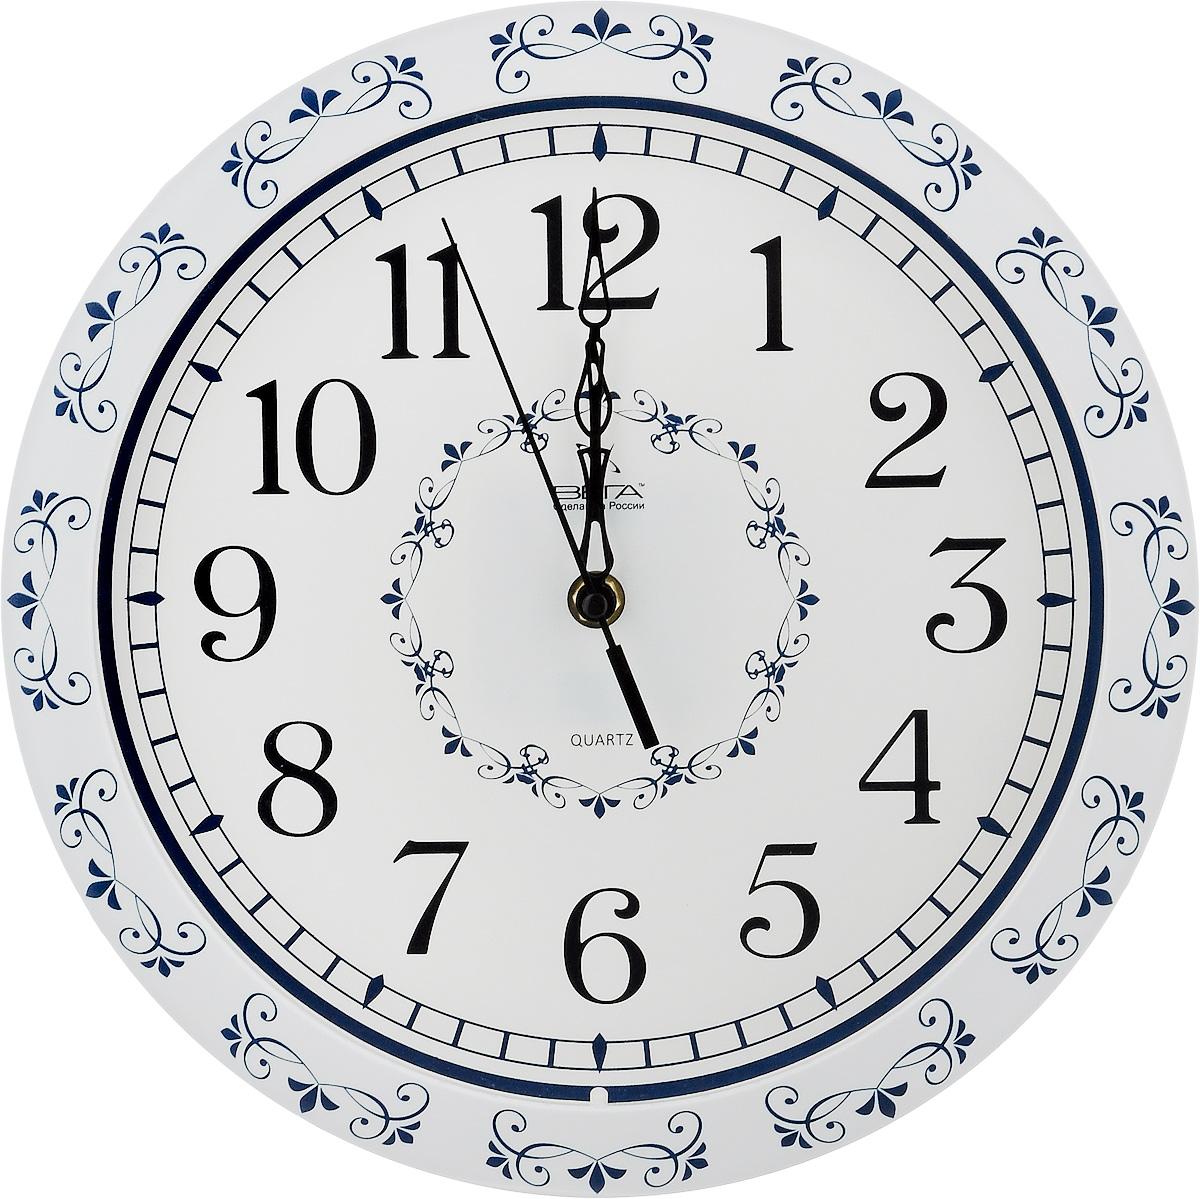 Часы настенные Вега Классика с узором, диаметр 28,5 см часы настенные вега классика цвет серый